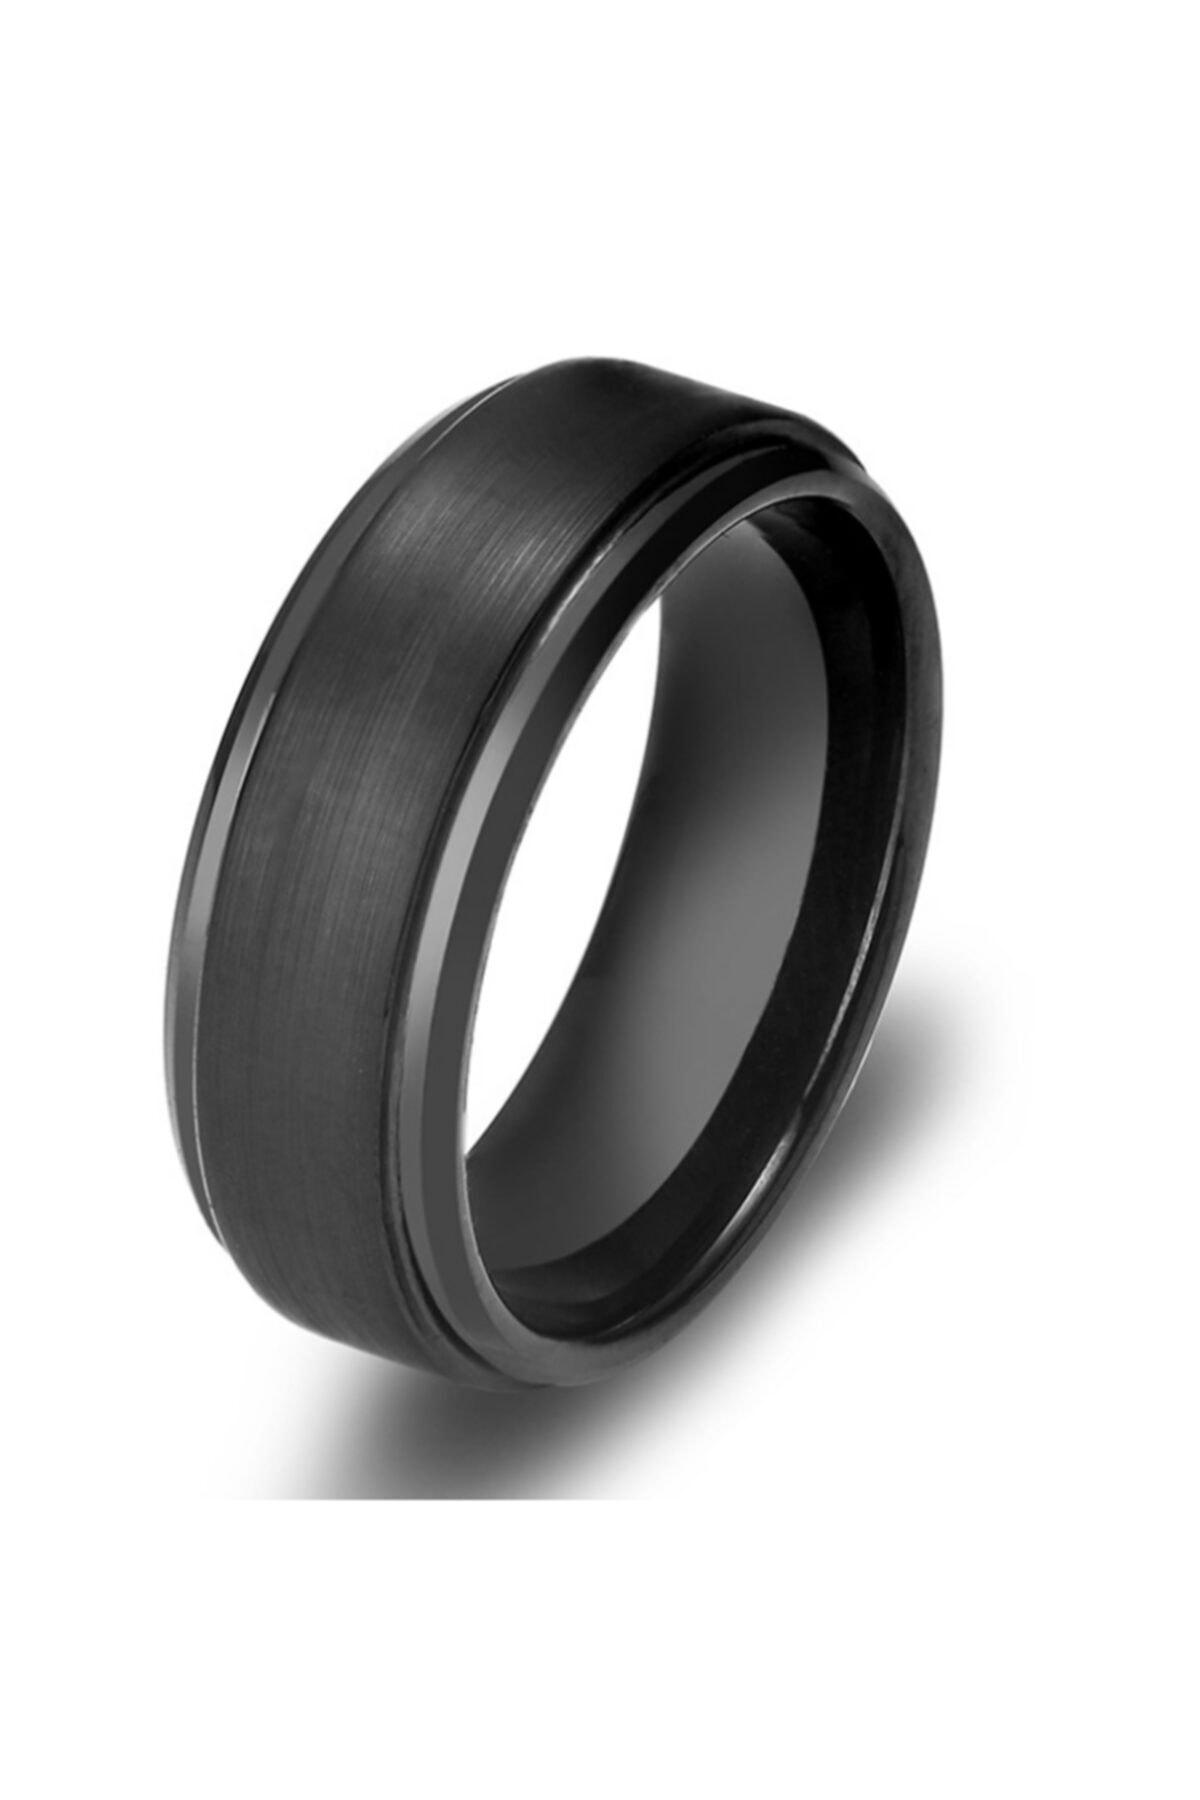 Chavin Erkek Mat Siyah Fırçalanmış Tungsten Yüzük dm75 1